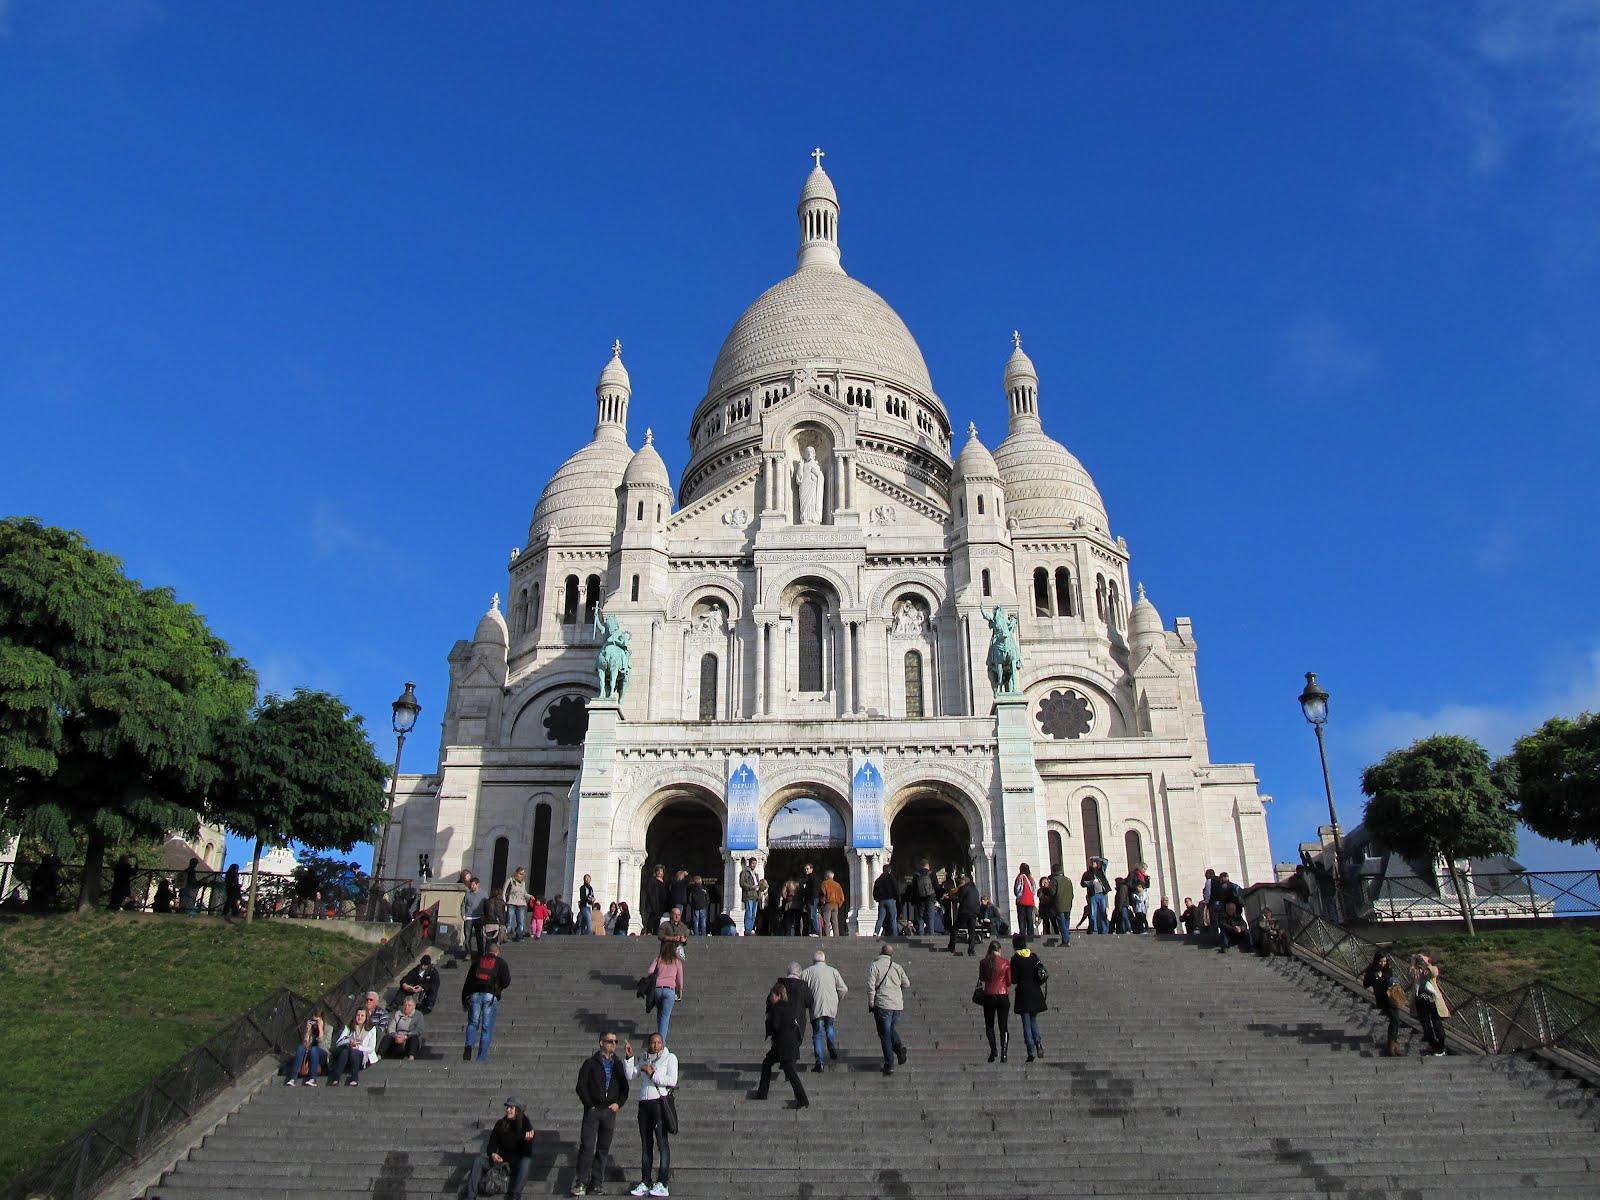 Le Sacre Coeur De Paris